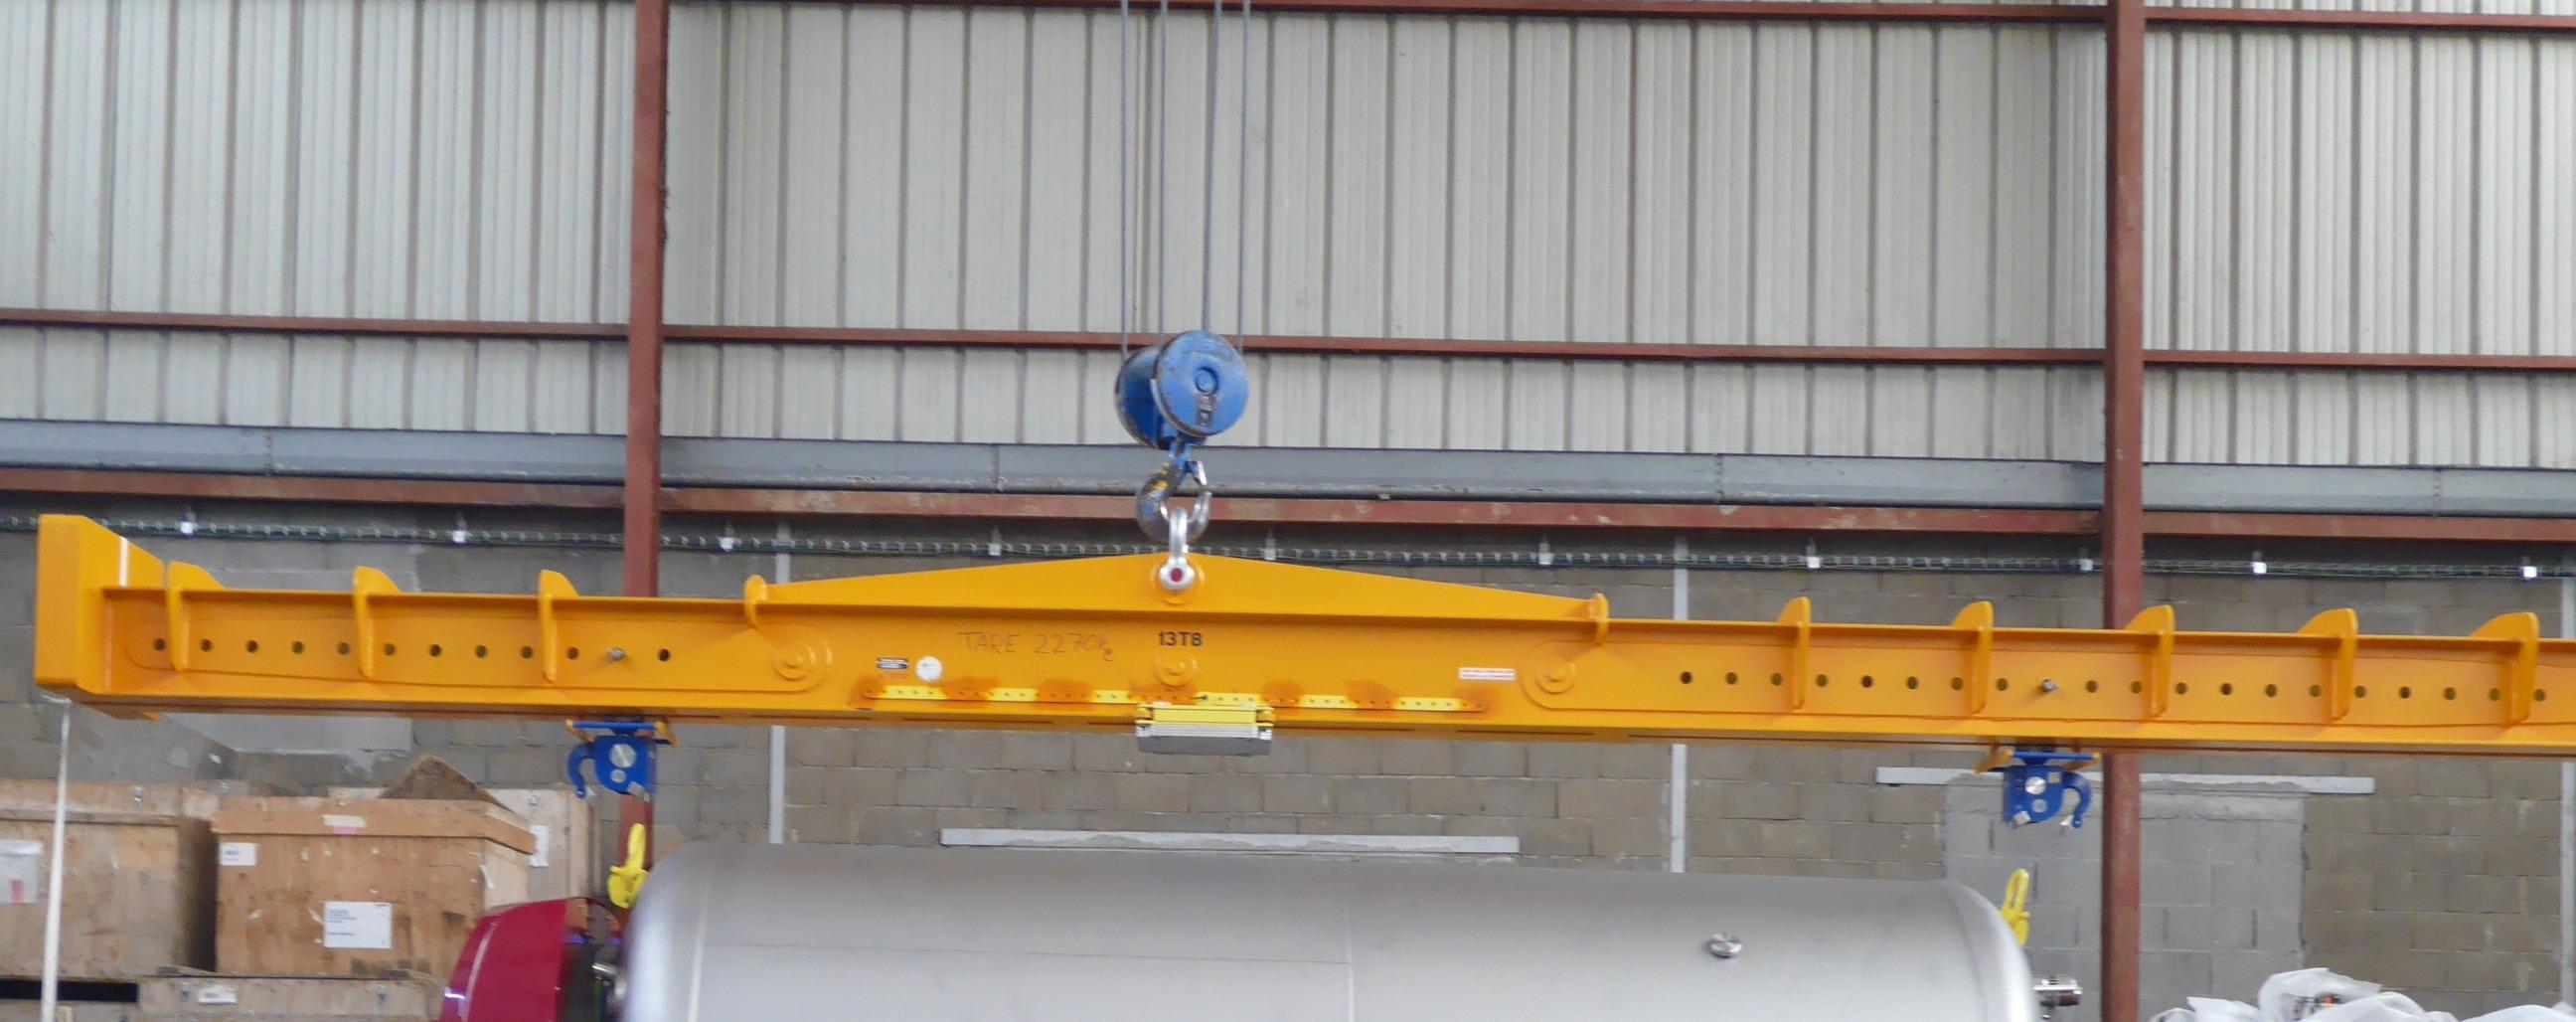 lifting beam - Crane Lifting Beams